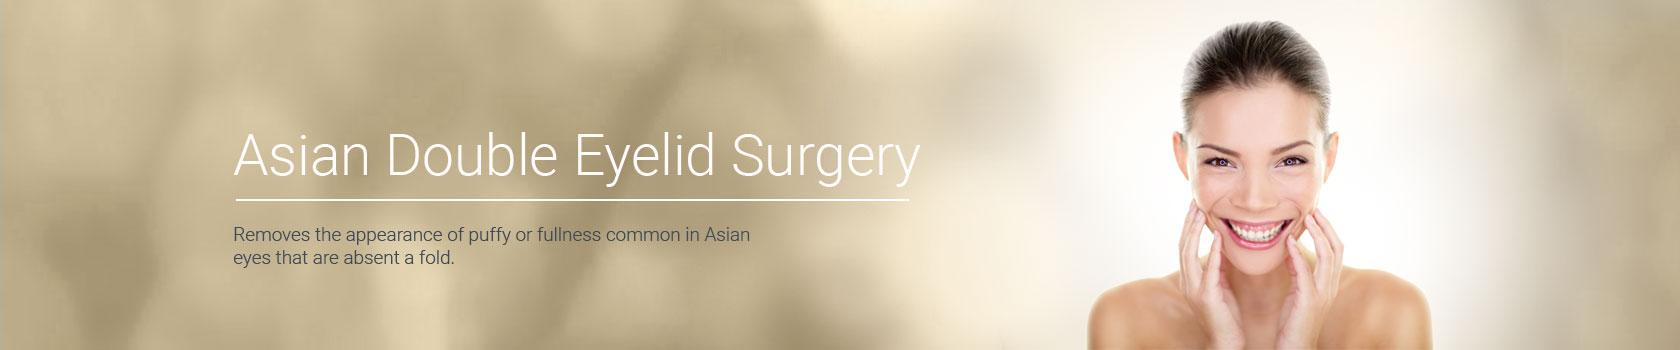 Asianeyelidsurgery